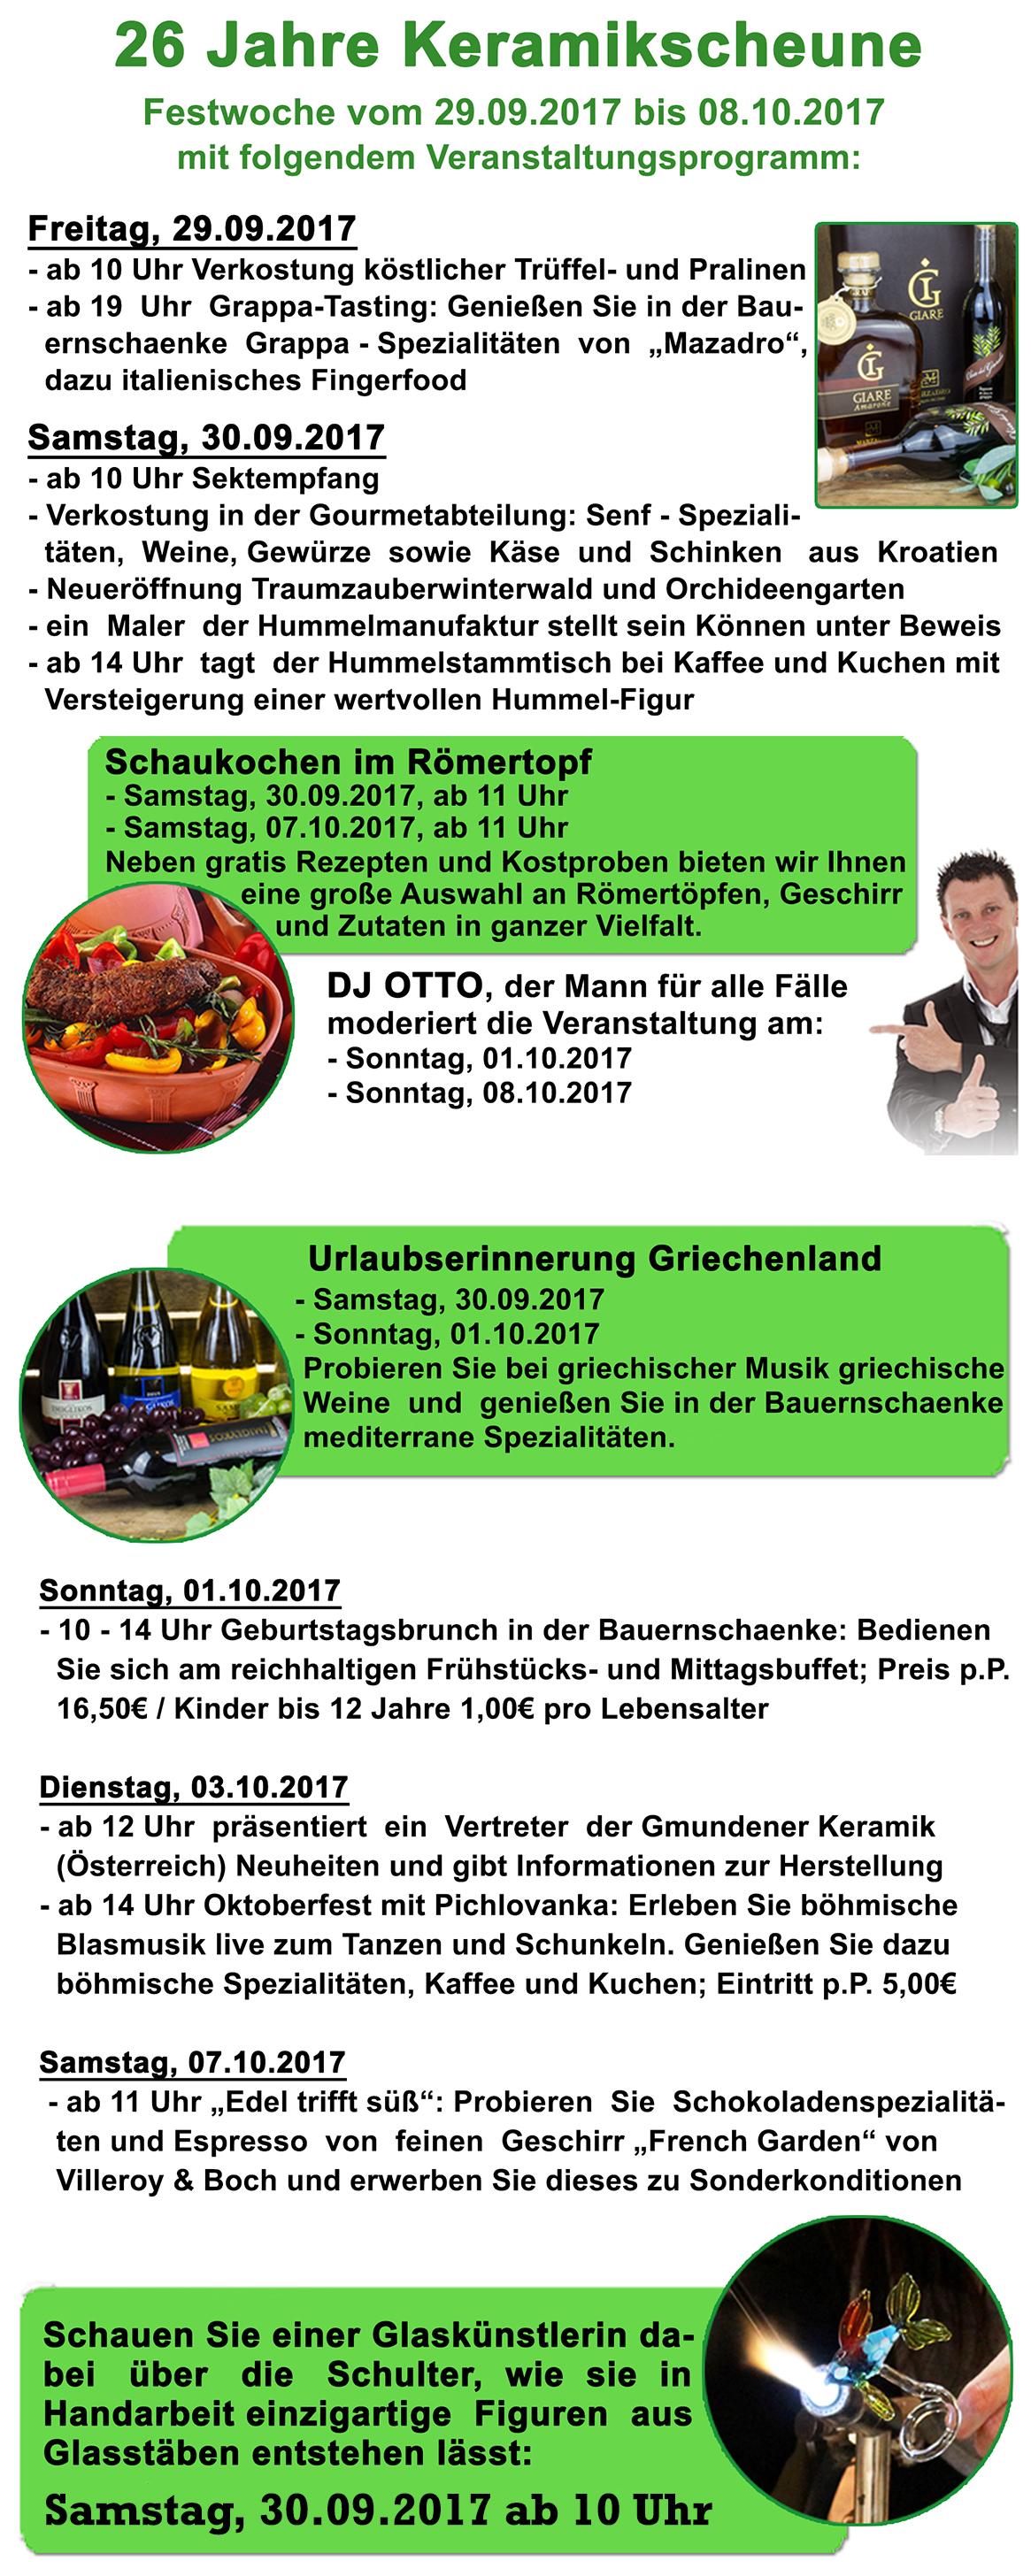 Niedlich Keramik Scheune Rahmen Galerie - Bilderrahmen Ideen ...